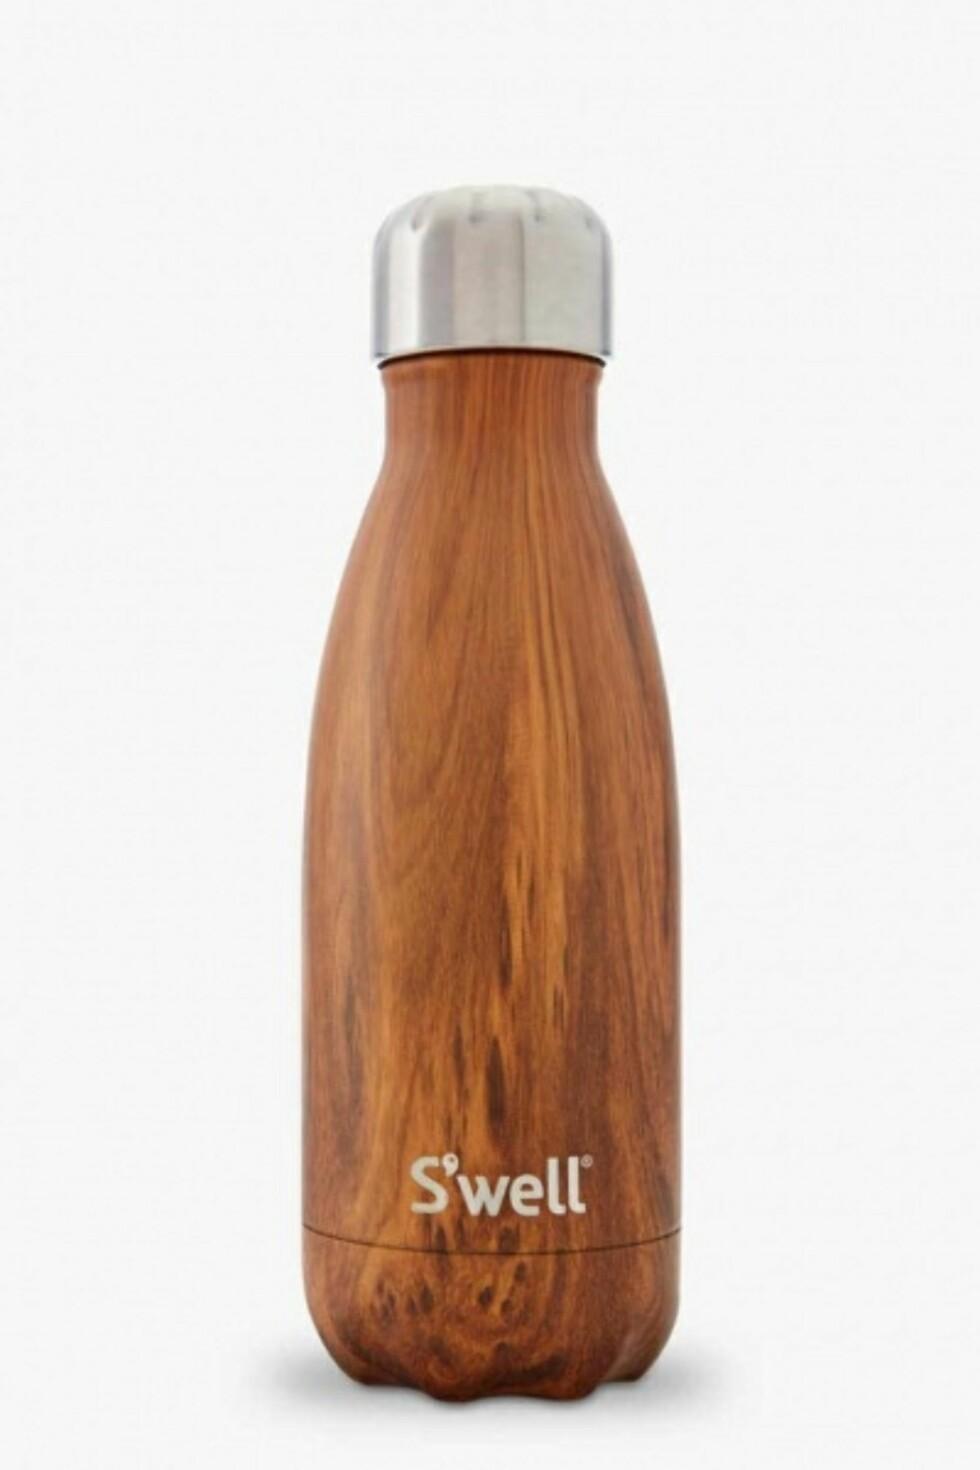 Flaske fra S'well via Samsarageilo.no | kr 299 | http://www.samsarageilo.no/products/teakwood-drikkeflaske-260-ml-swell?gclid=CjwKEAiAkajDBRCRq8Czmdj-yFgSJADikZgg4Z76WrmiFWJVSZUXJhF075G5l16jFw84SDKnWc82TBoCKq7w_wcB